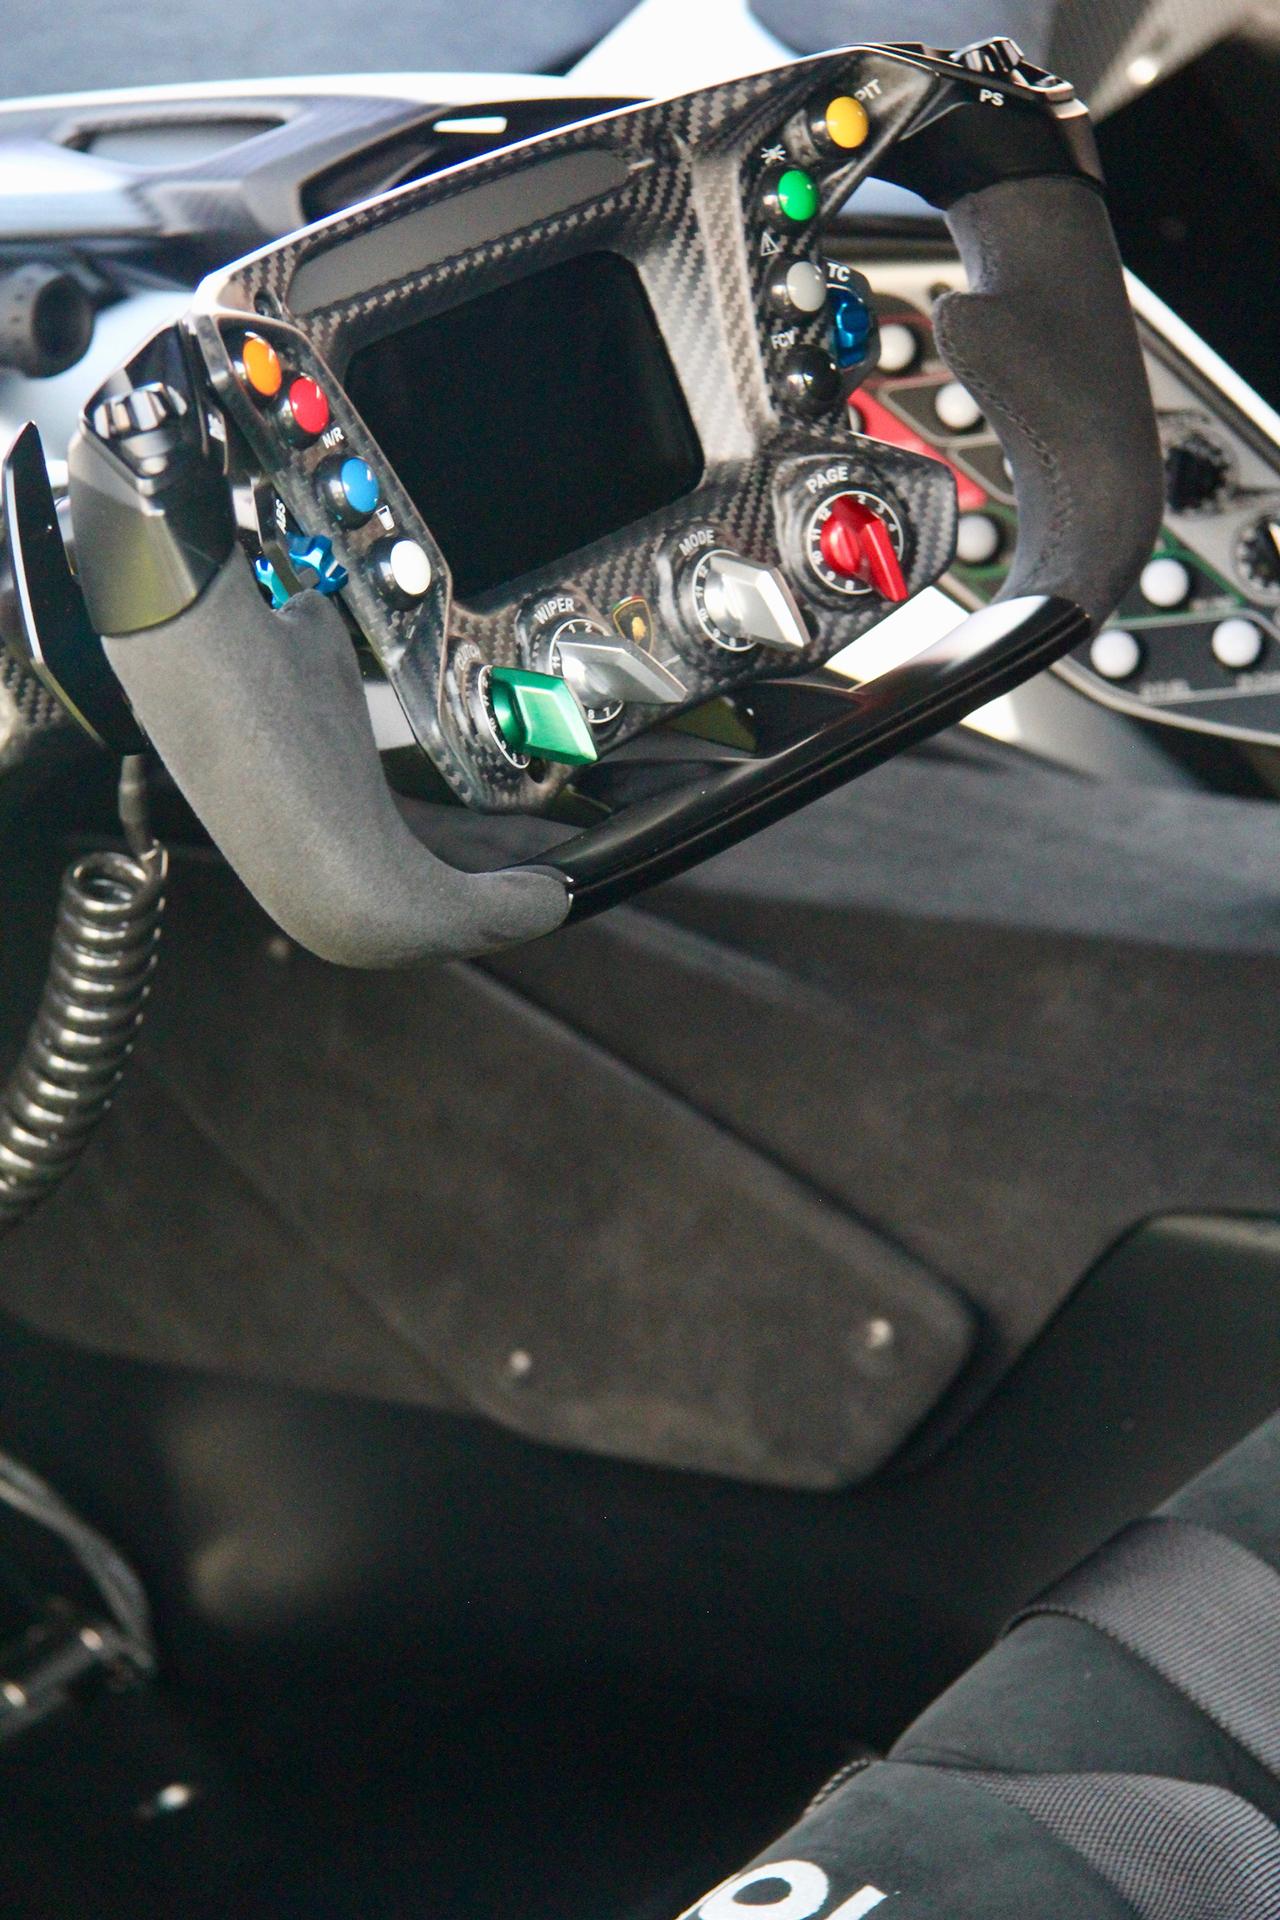 Lamborghini Essenza SCV12 - volant course - expo - Sport et Collection - 2020 - photo Ludo Ferrari